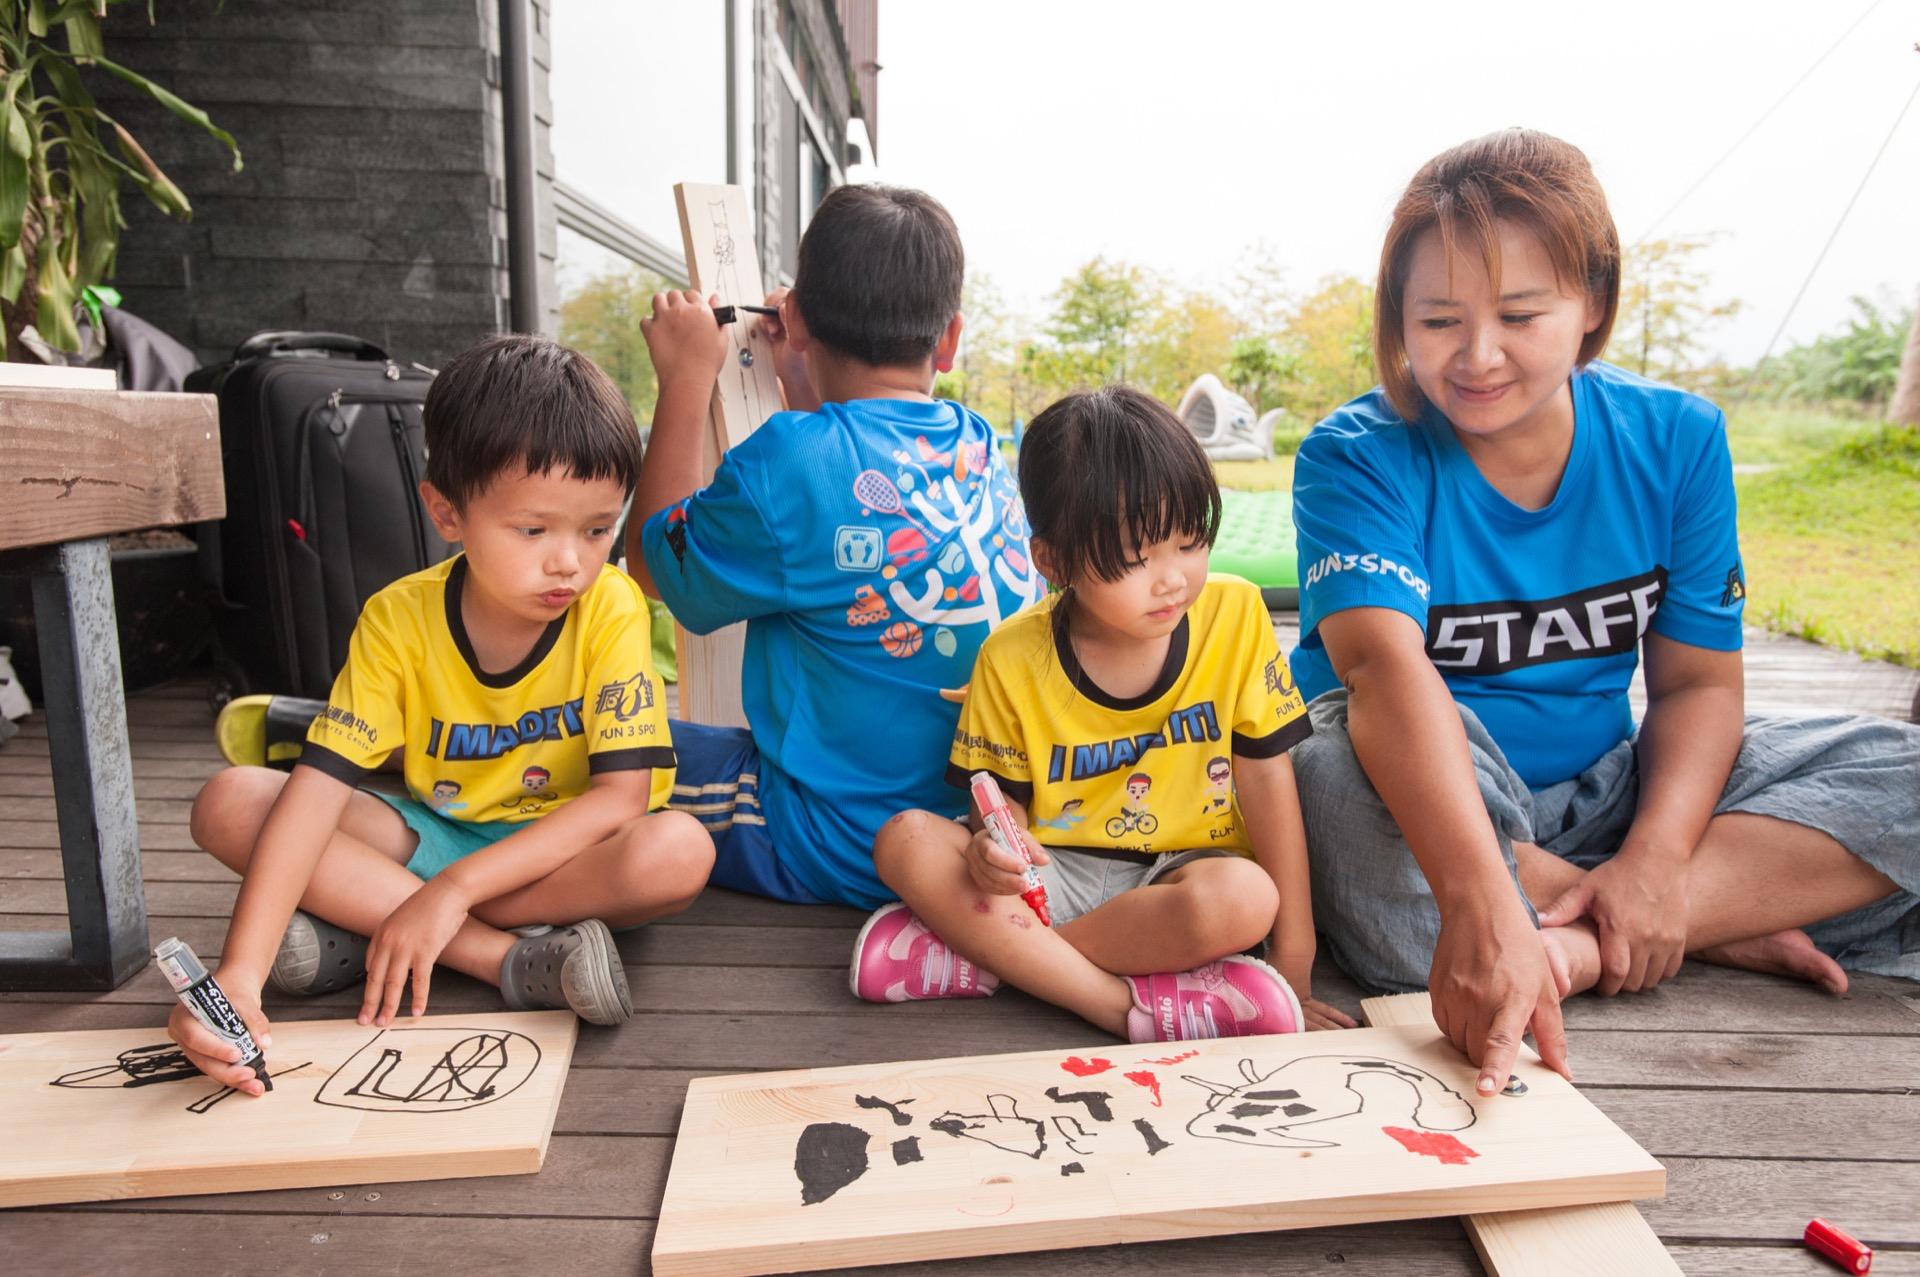 德築-DEZU-project-Fun3sport-children-scooter-create-10